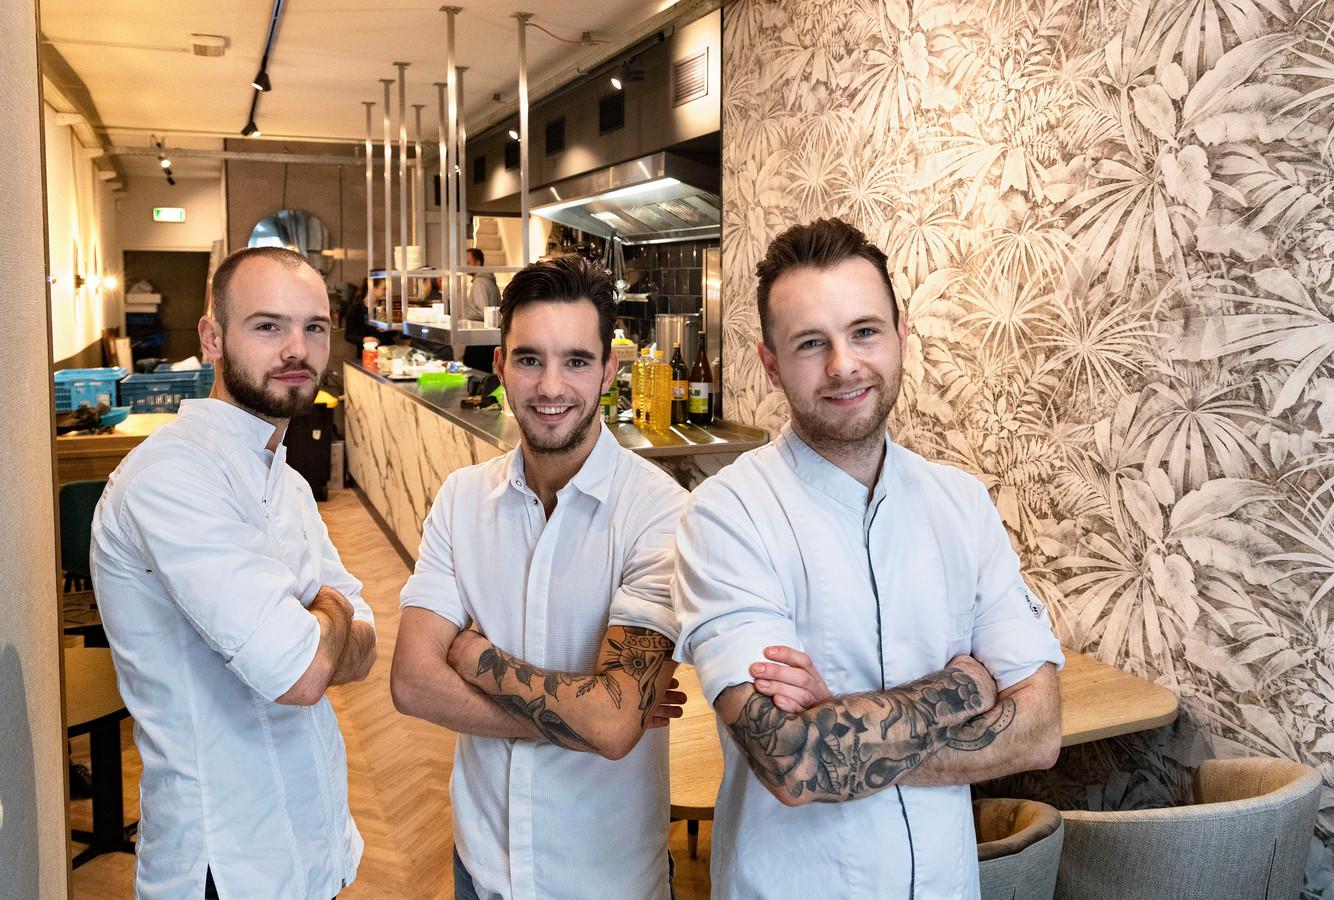 Nieuw restaurant op het Stratumseind met Jip, Jesse en Yelle Goyvaerts (vlnr).